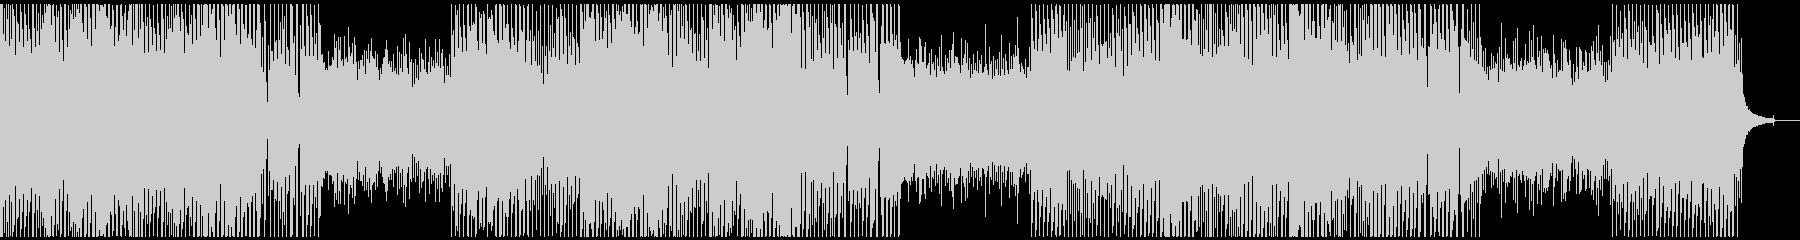 企業VP/さわやか/EDM/ピアノの未再生の波形